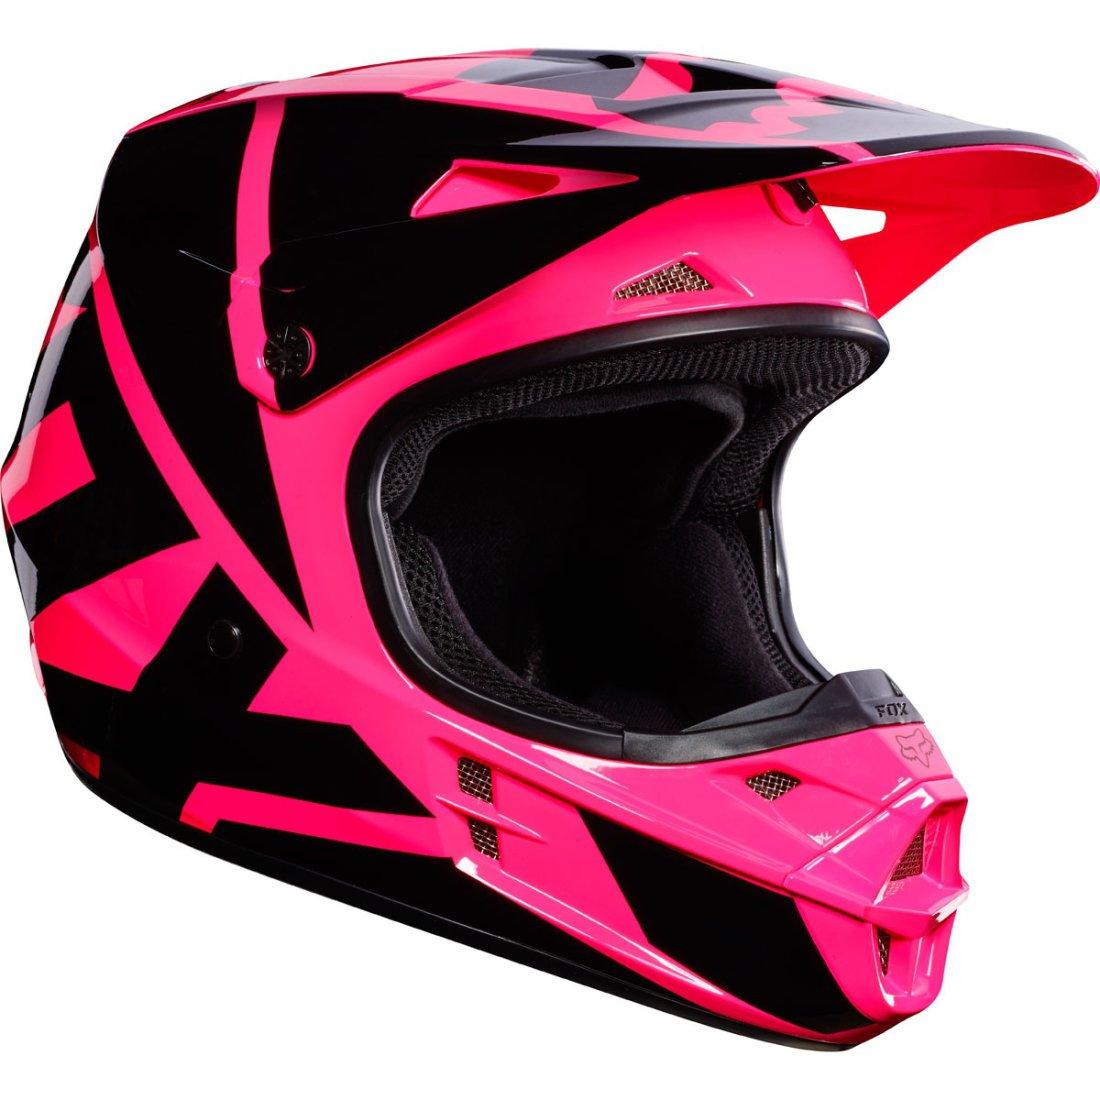 fox v1 race 2017 pink helmet motocard. Black Bedroom Furniture Sets. Home Design Ideas